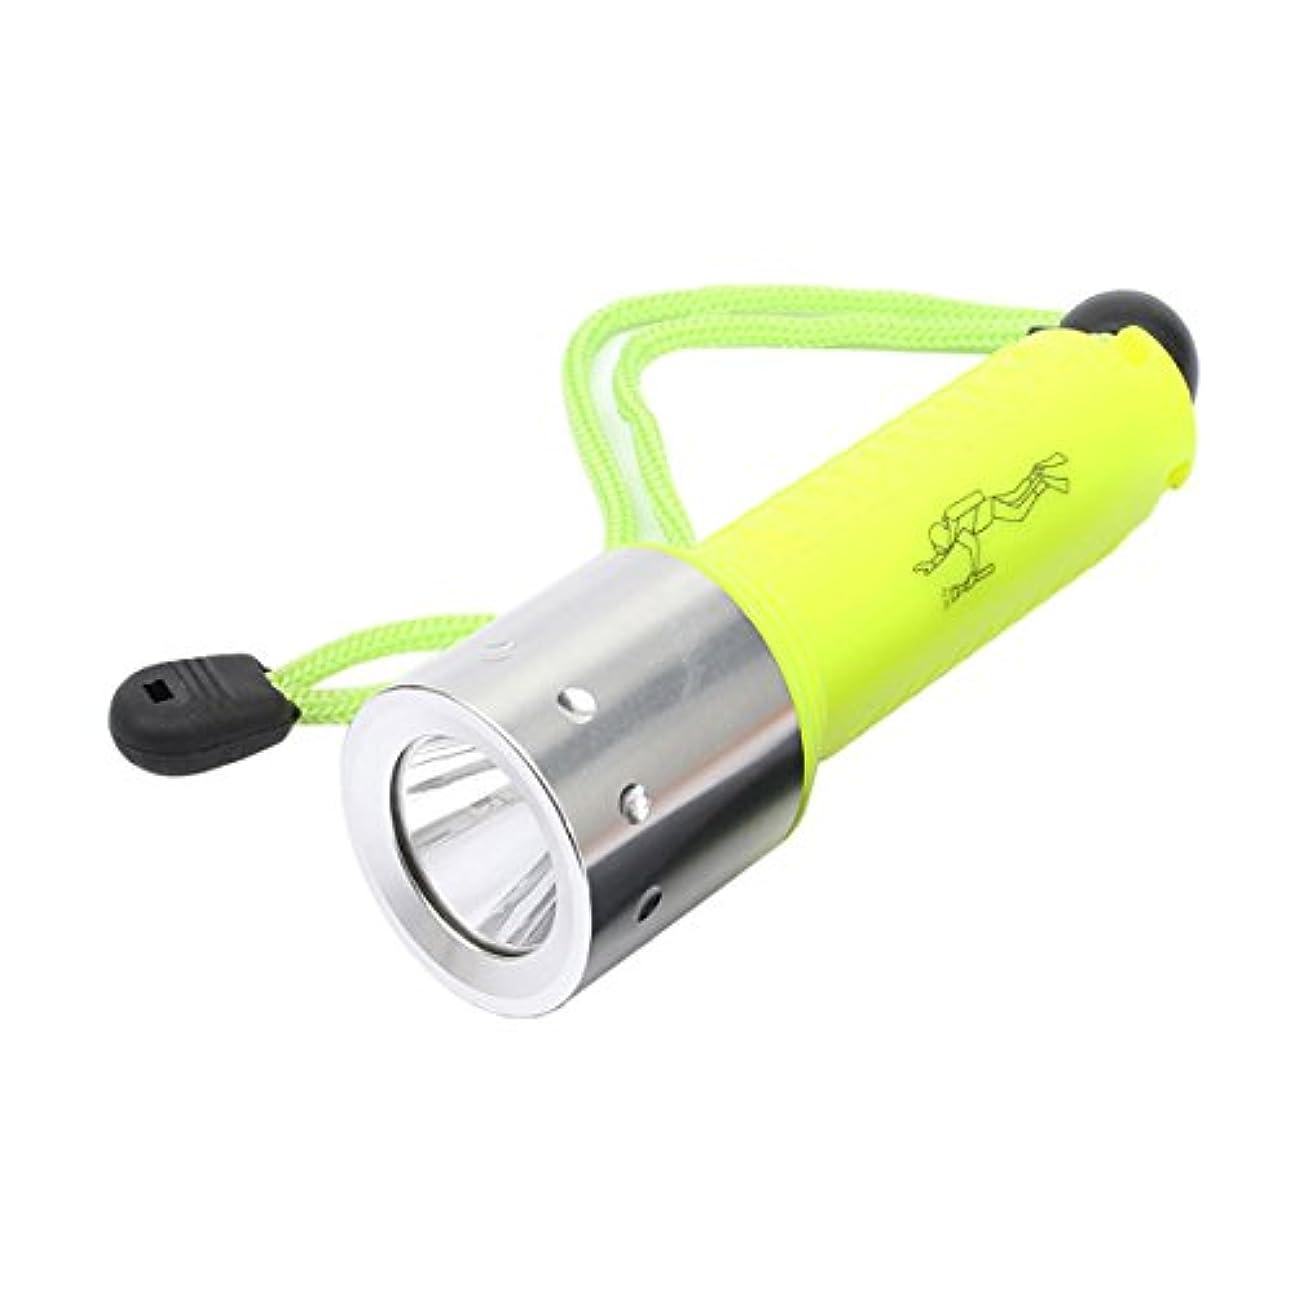 一族歴史的懐JVSISM フラッシュライト懐中電灯 ランプライト アンダーウォーター水中 x M-L T6 LED 4000LM ウォータープルーフ防水ダイビングトーチ、蛍光グリーンカラー